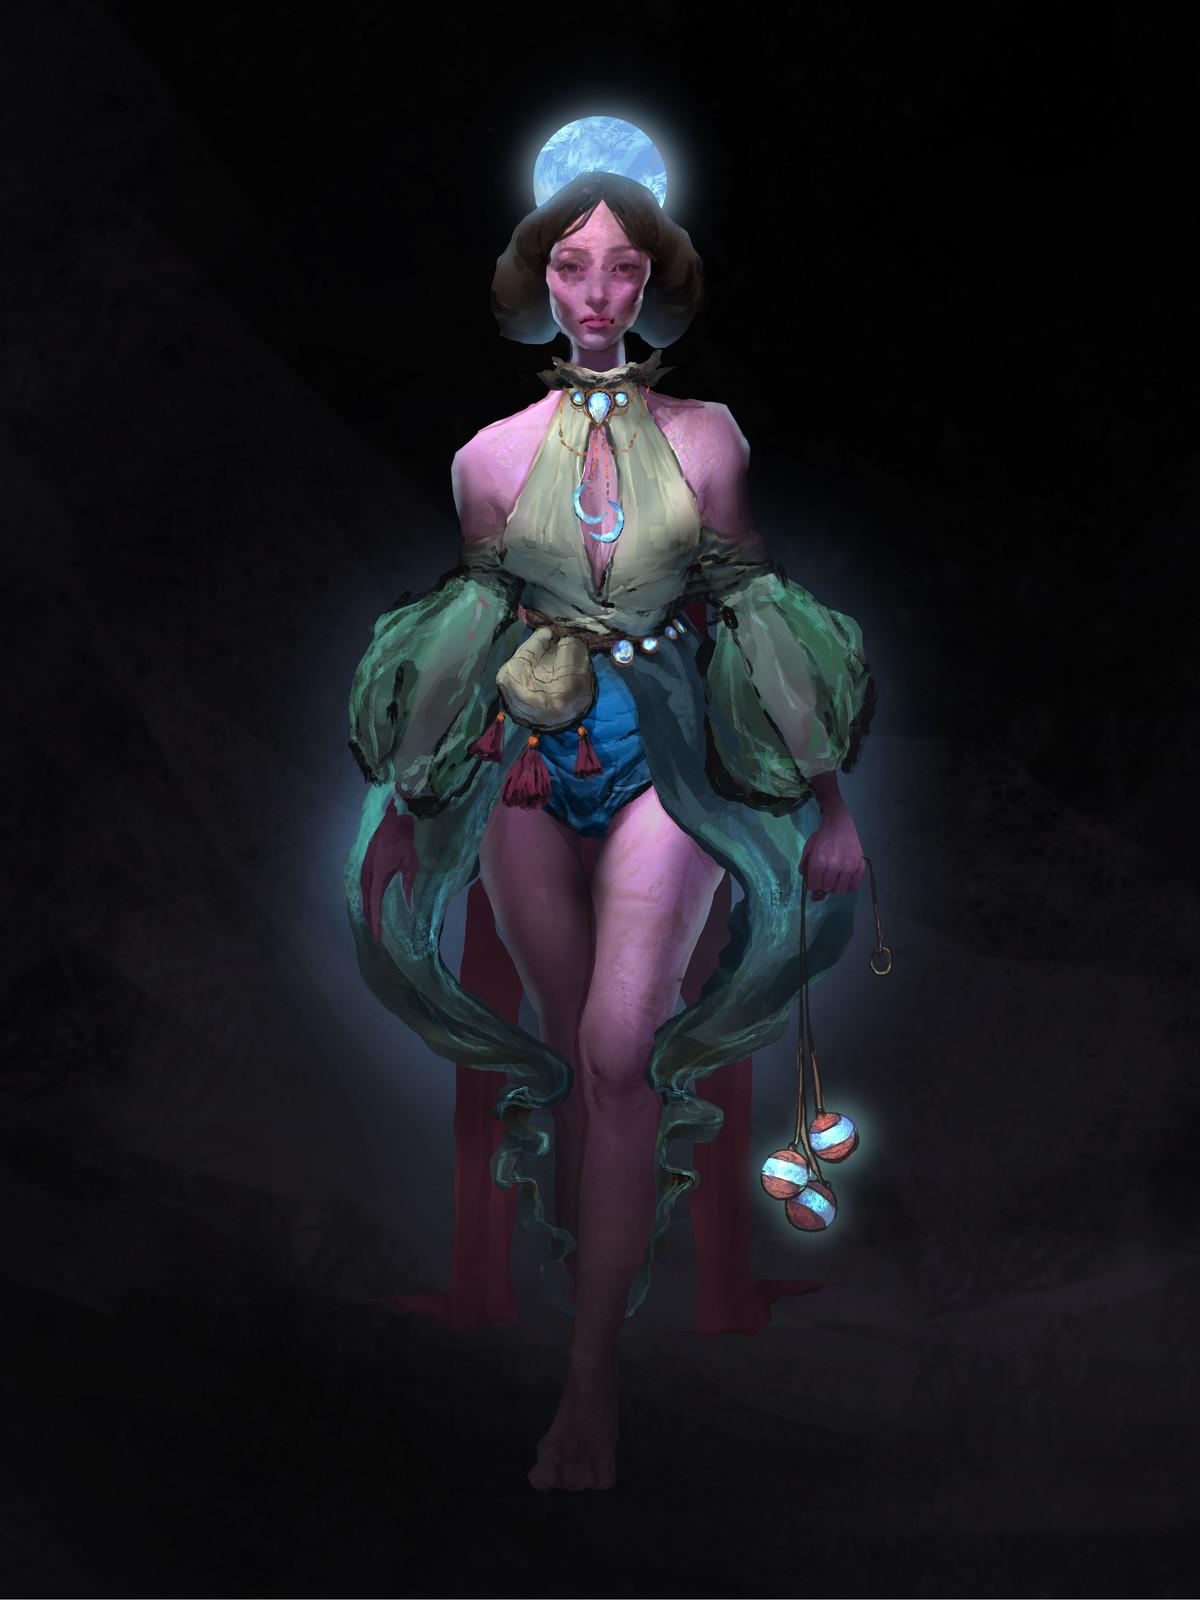 The Undead Princess